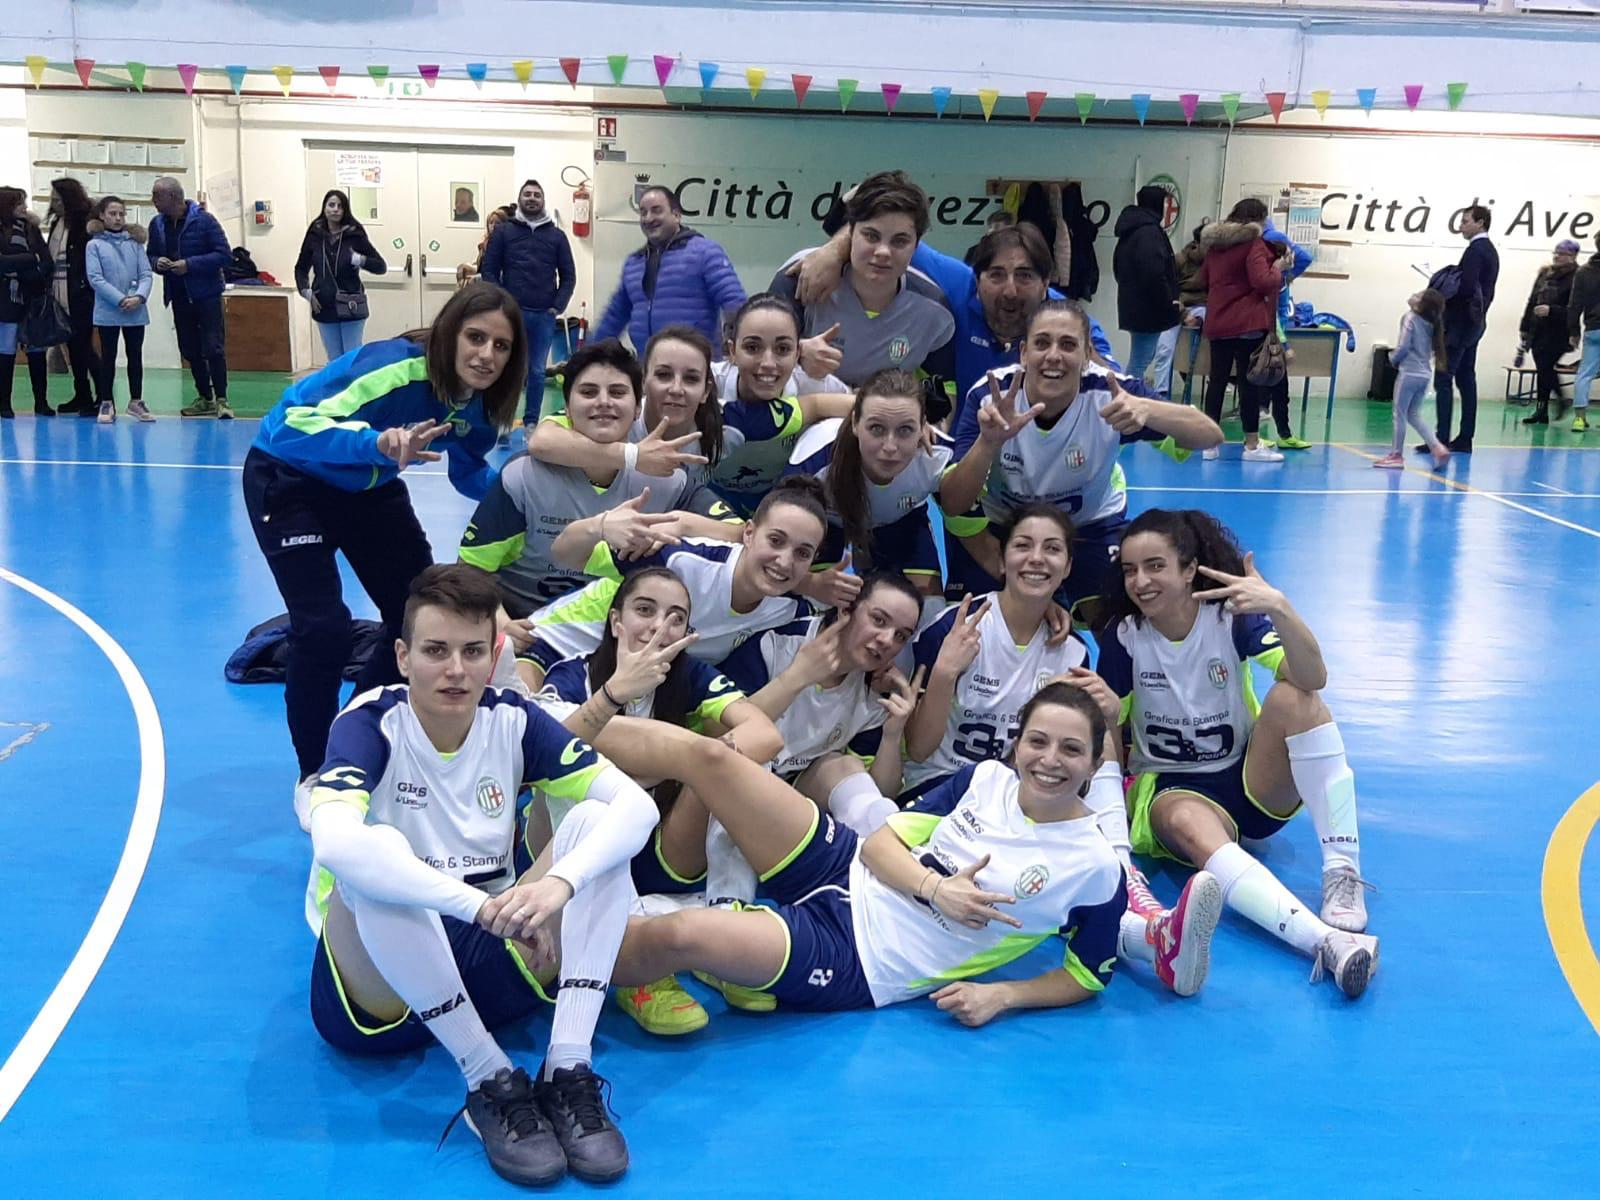 Serie C1 femminile: promozione in Serie A2 per l'Orione C5